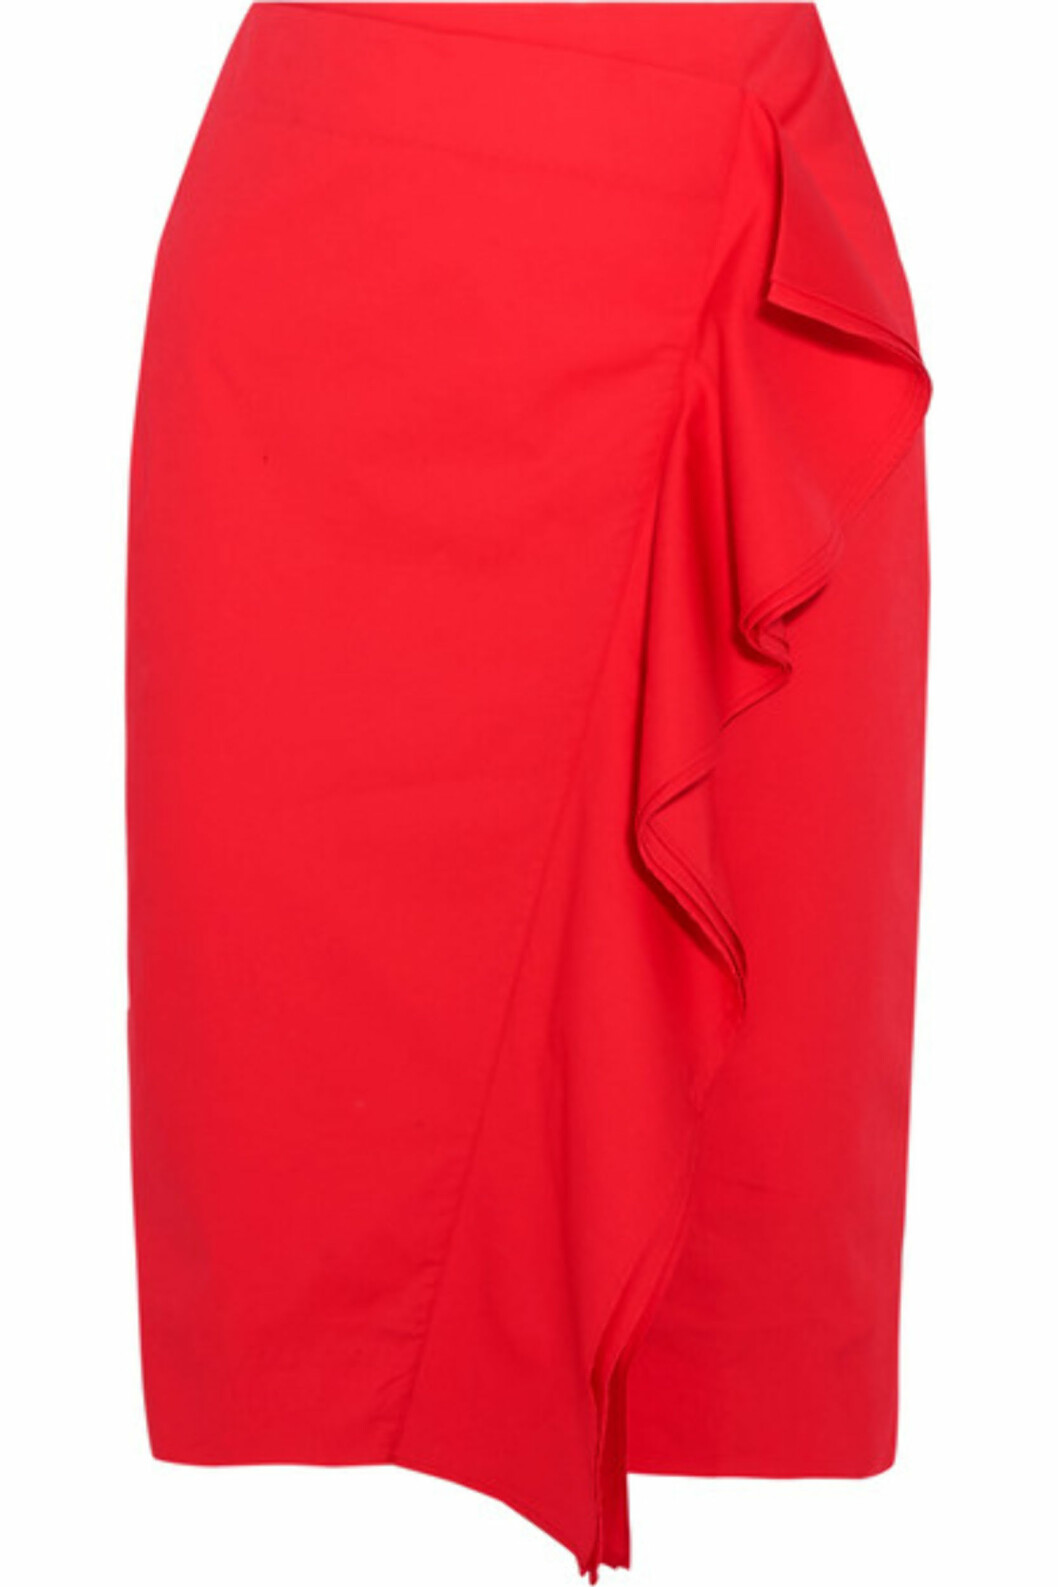 Skjørt fra J.CREW via Net-a-porter.com | kr 1185 | https://www.net-a-porter.com/no/en/product/865339/j_crew/ruffled-cotton-blend-poplin-skirt